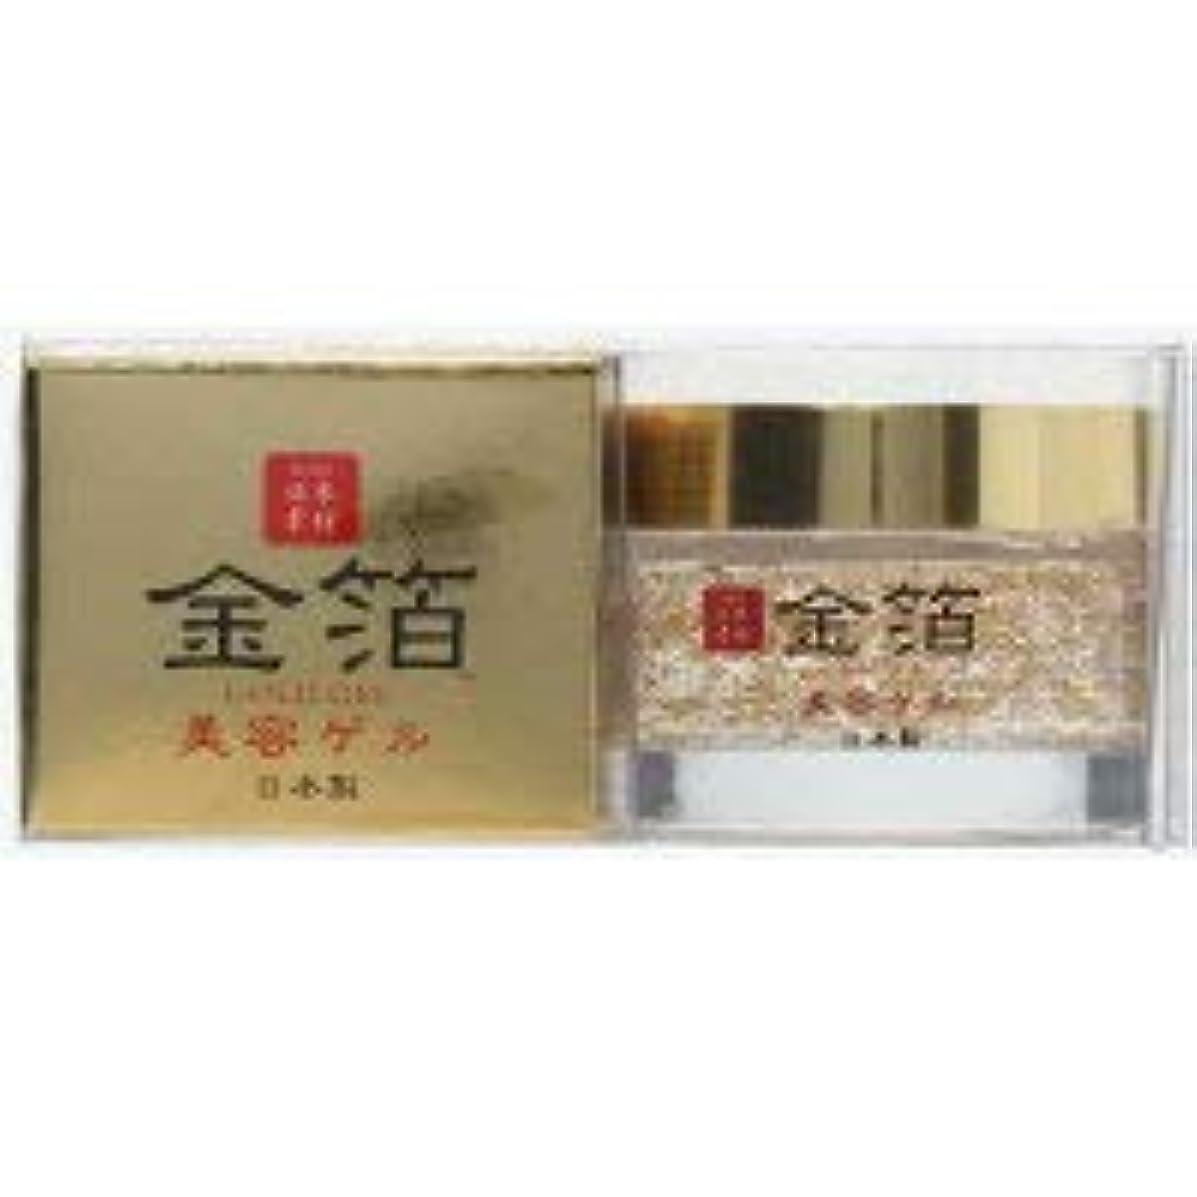 前置詞まぶしさ呼び出す日本製 金箔入りゴールドゲル MYM 50g【ヒアルロン酸】【コラーゲン】[株式会社MYM]